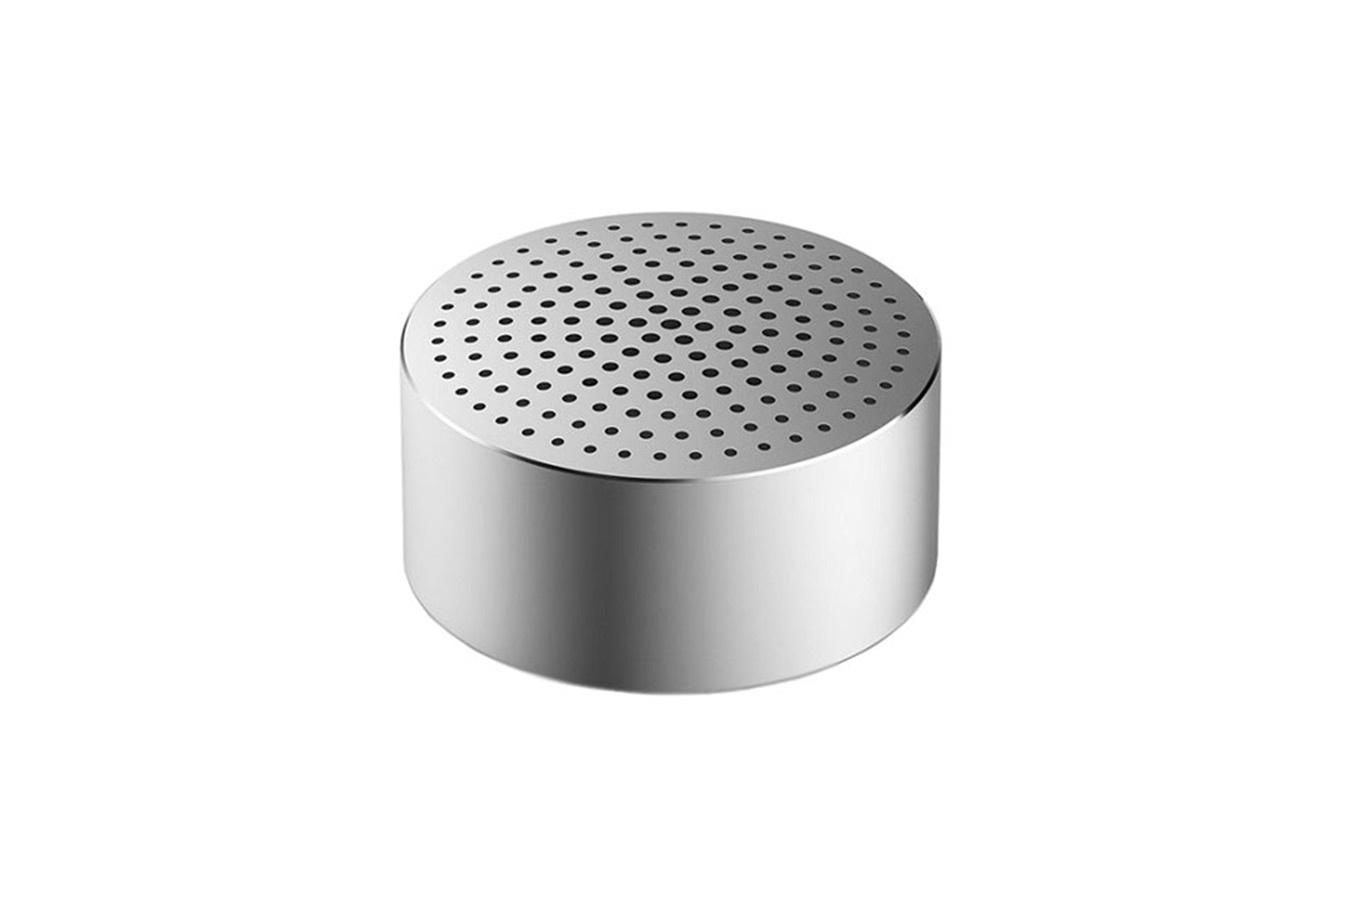 Беспроводная колонка Xiaomi Портативная колонка Bluetooth Mi Portable Round Box Silver (FXR4040CN), серебристый